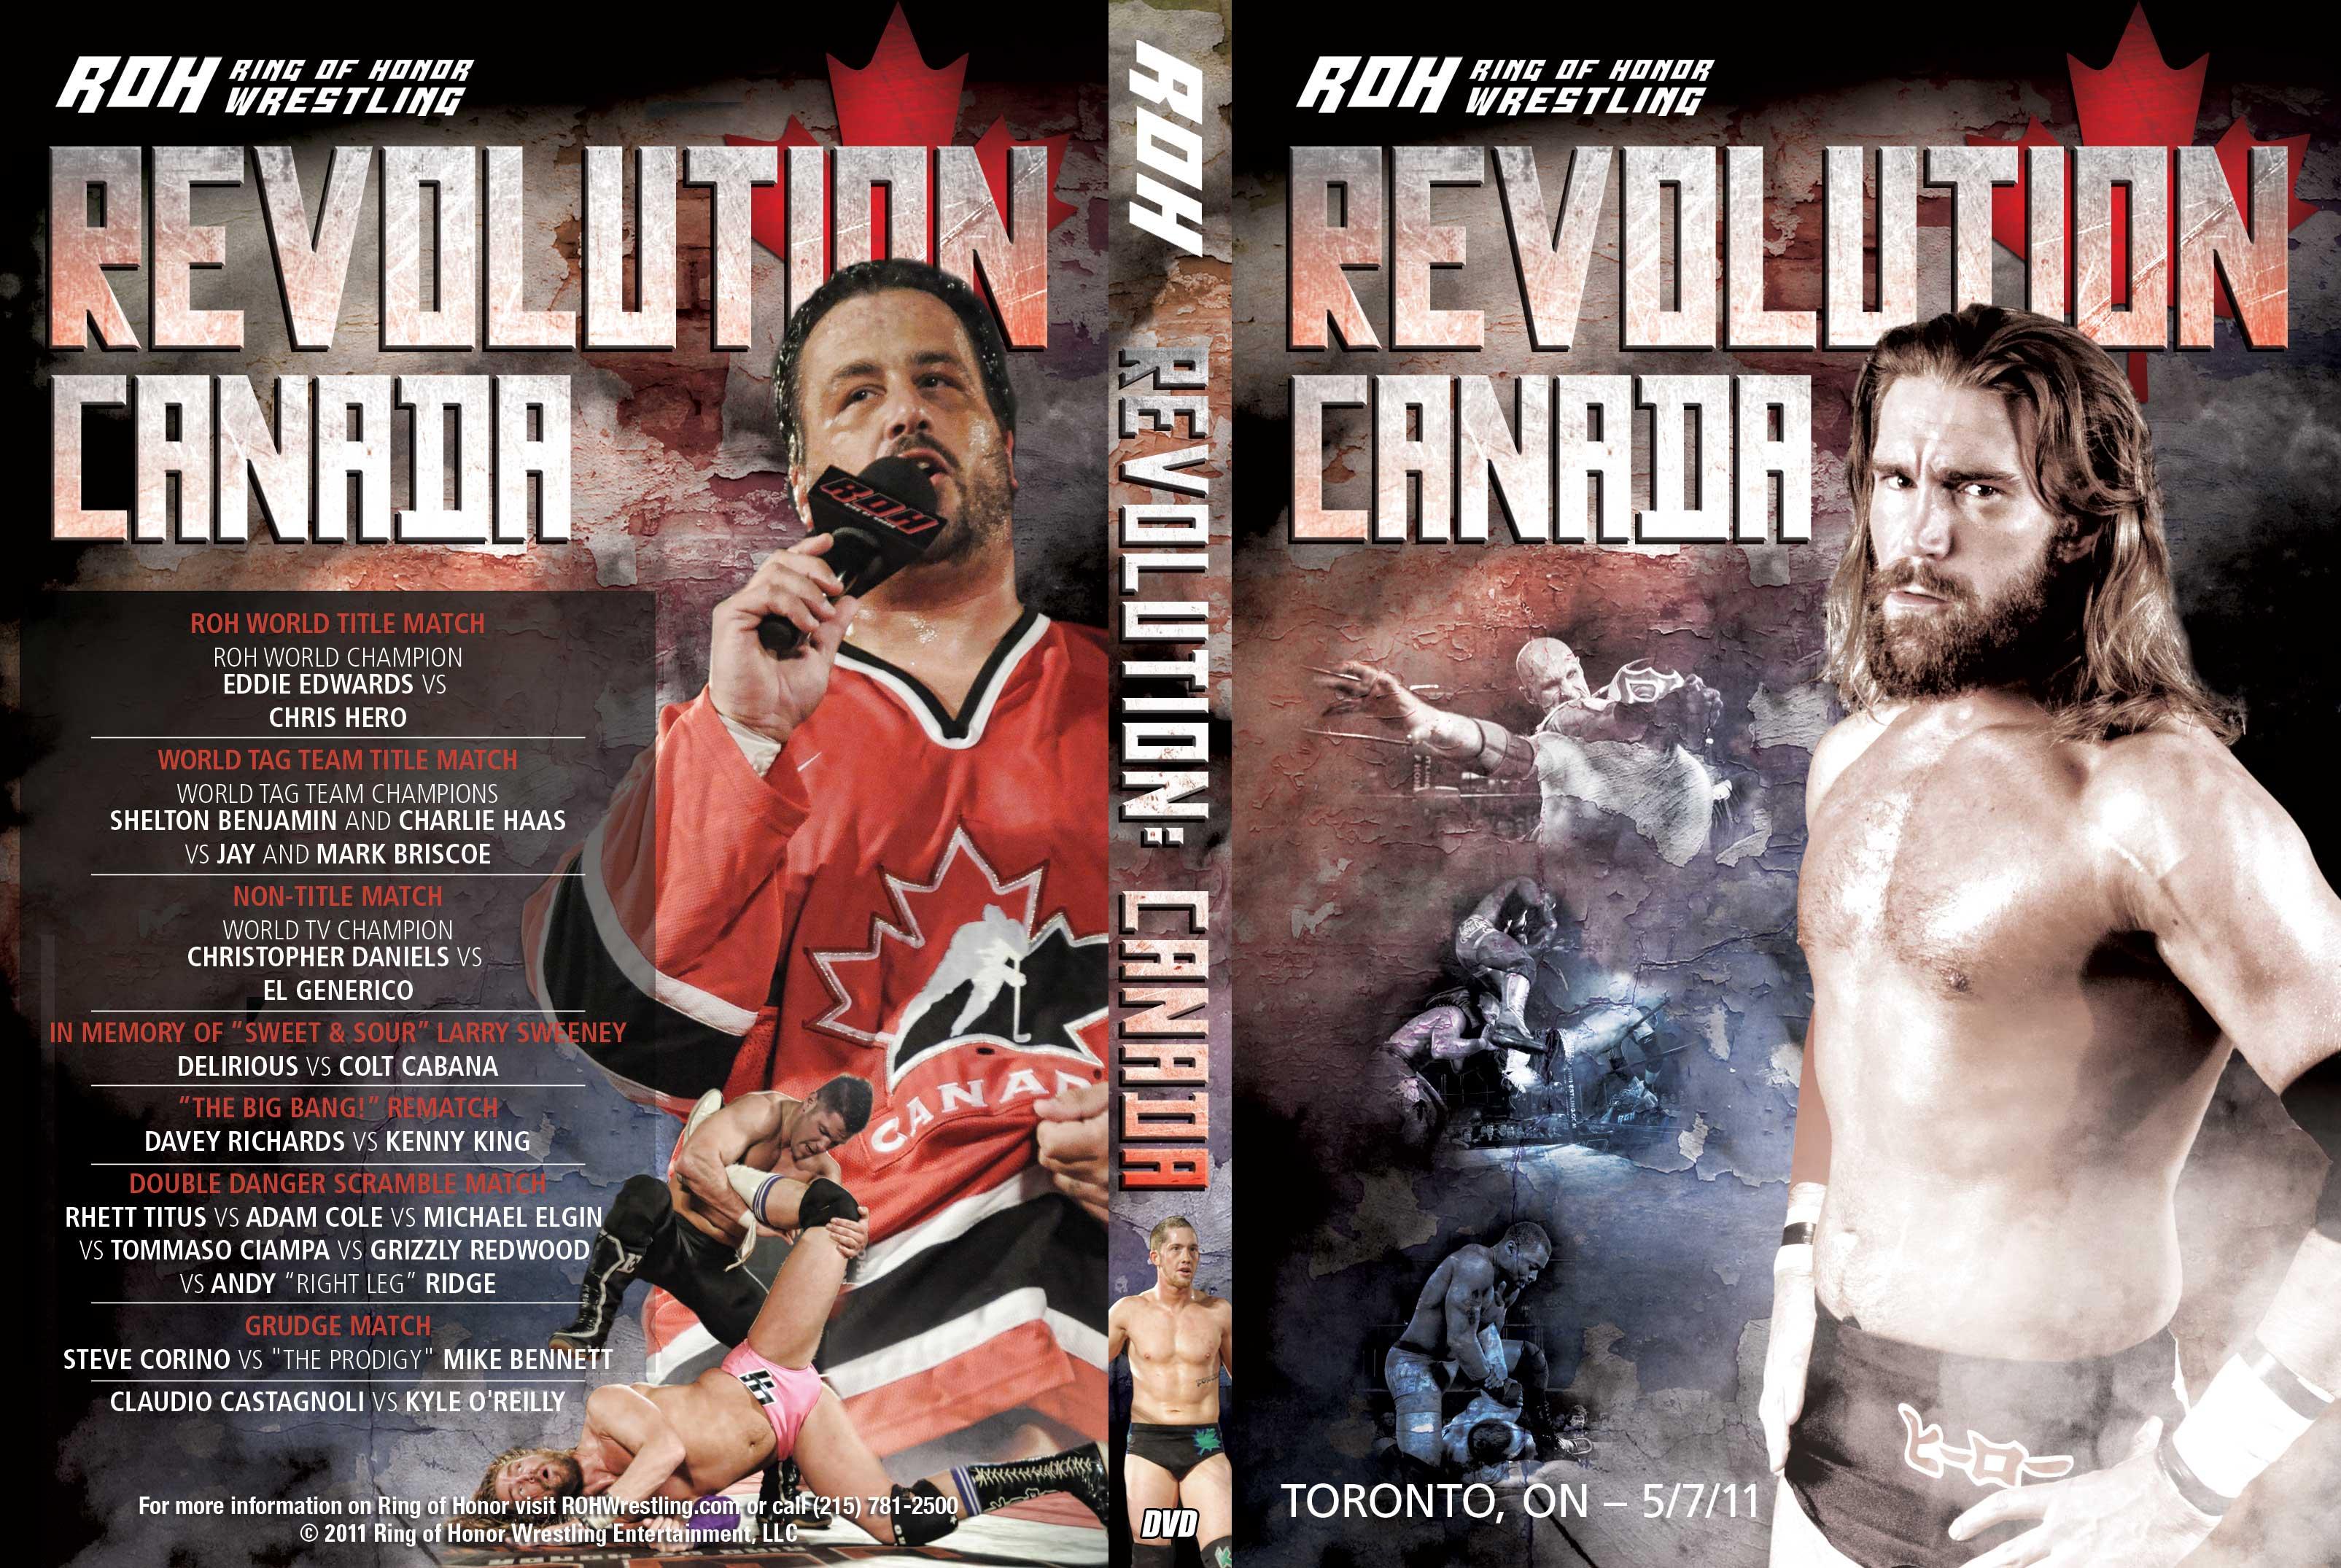 RevolutionCanada